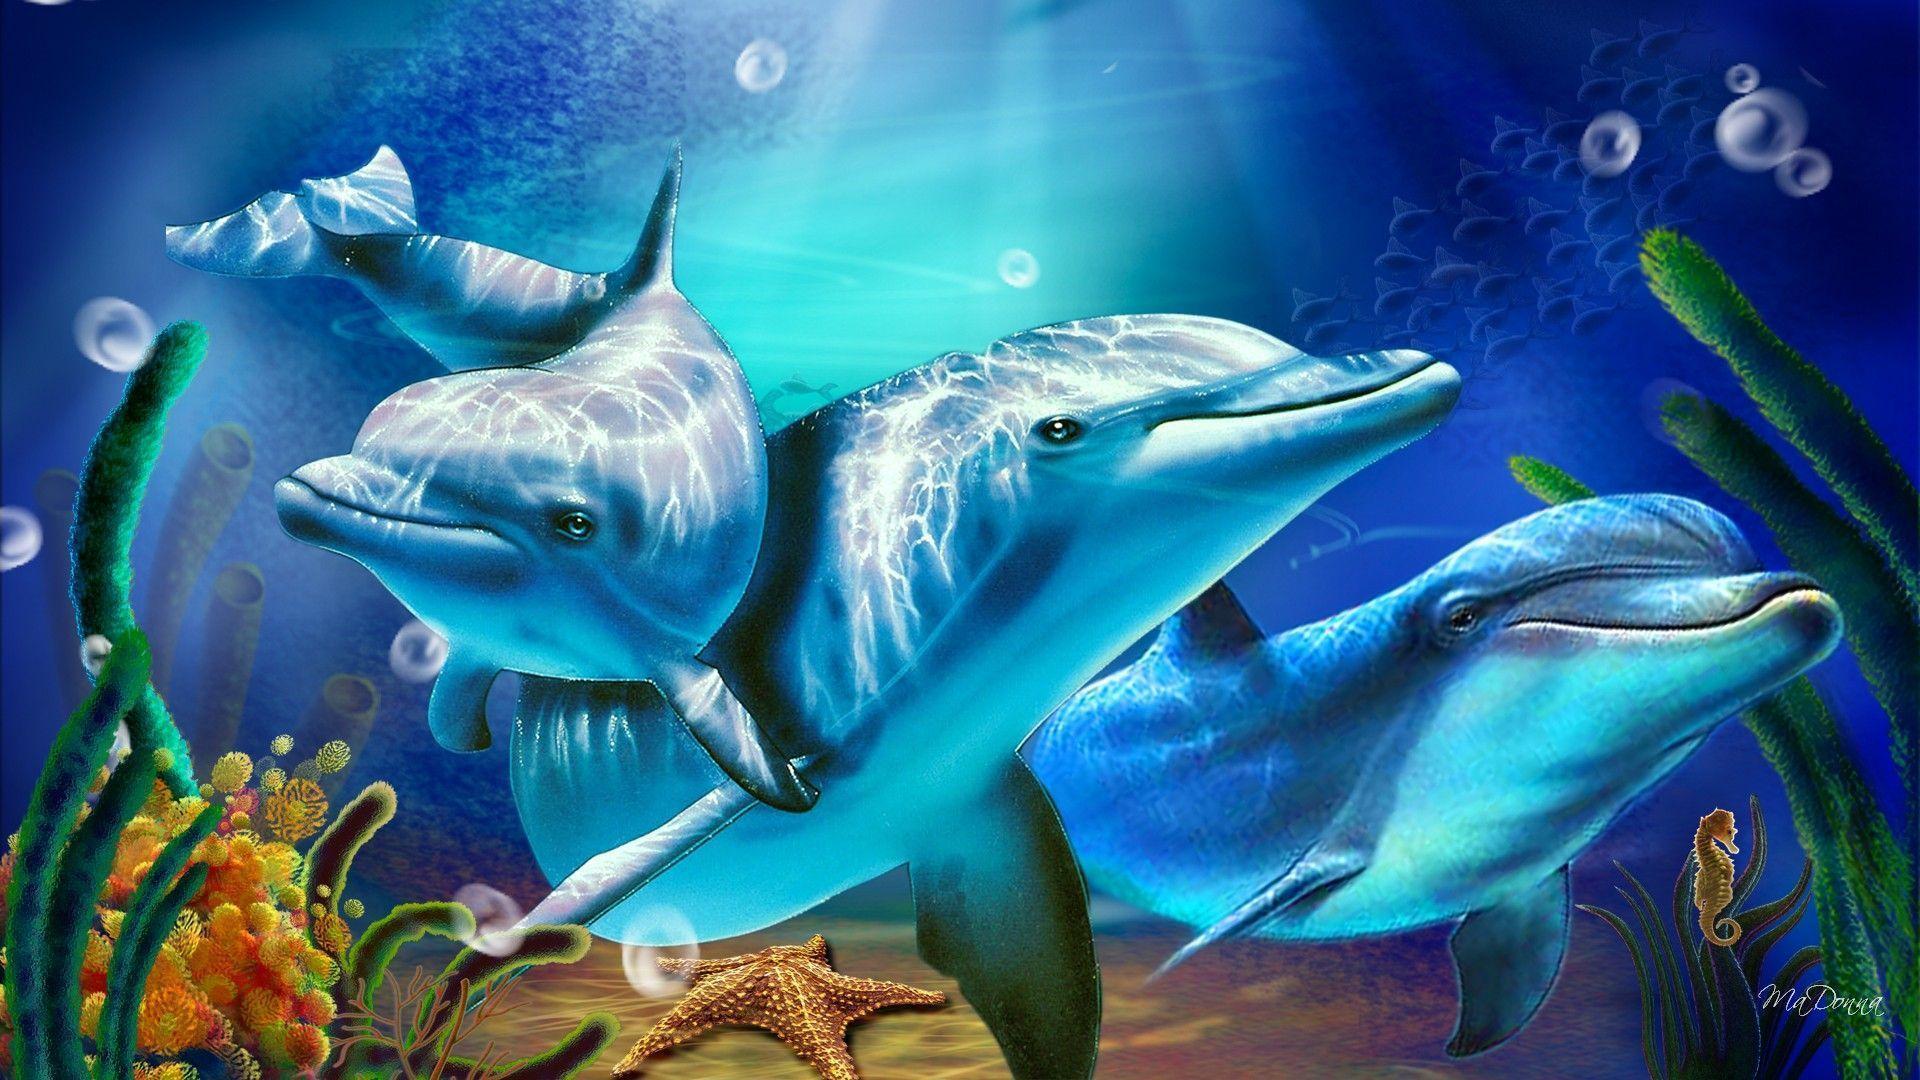 Hd Dolphin Wallpaper Popular Desktop Wallpaper